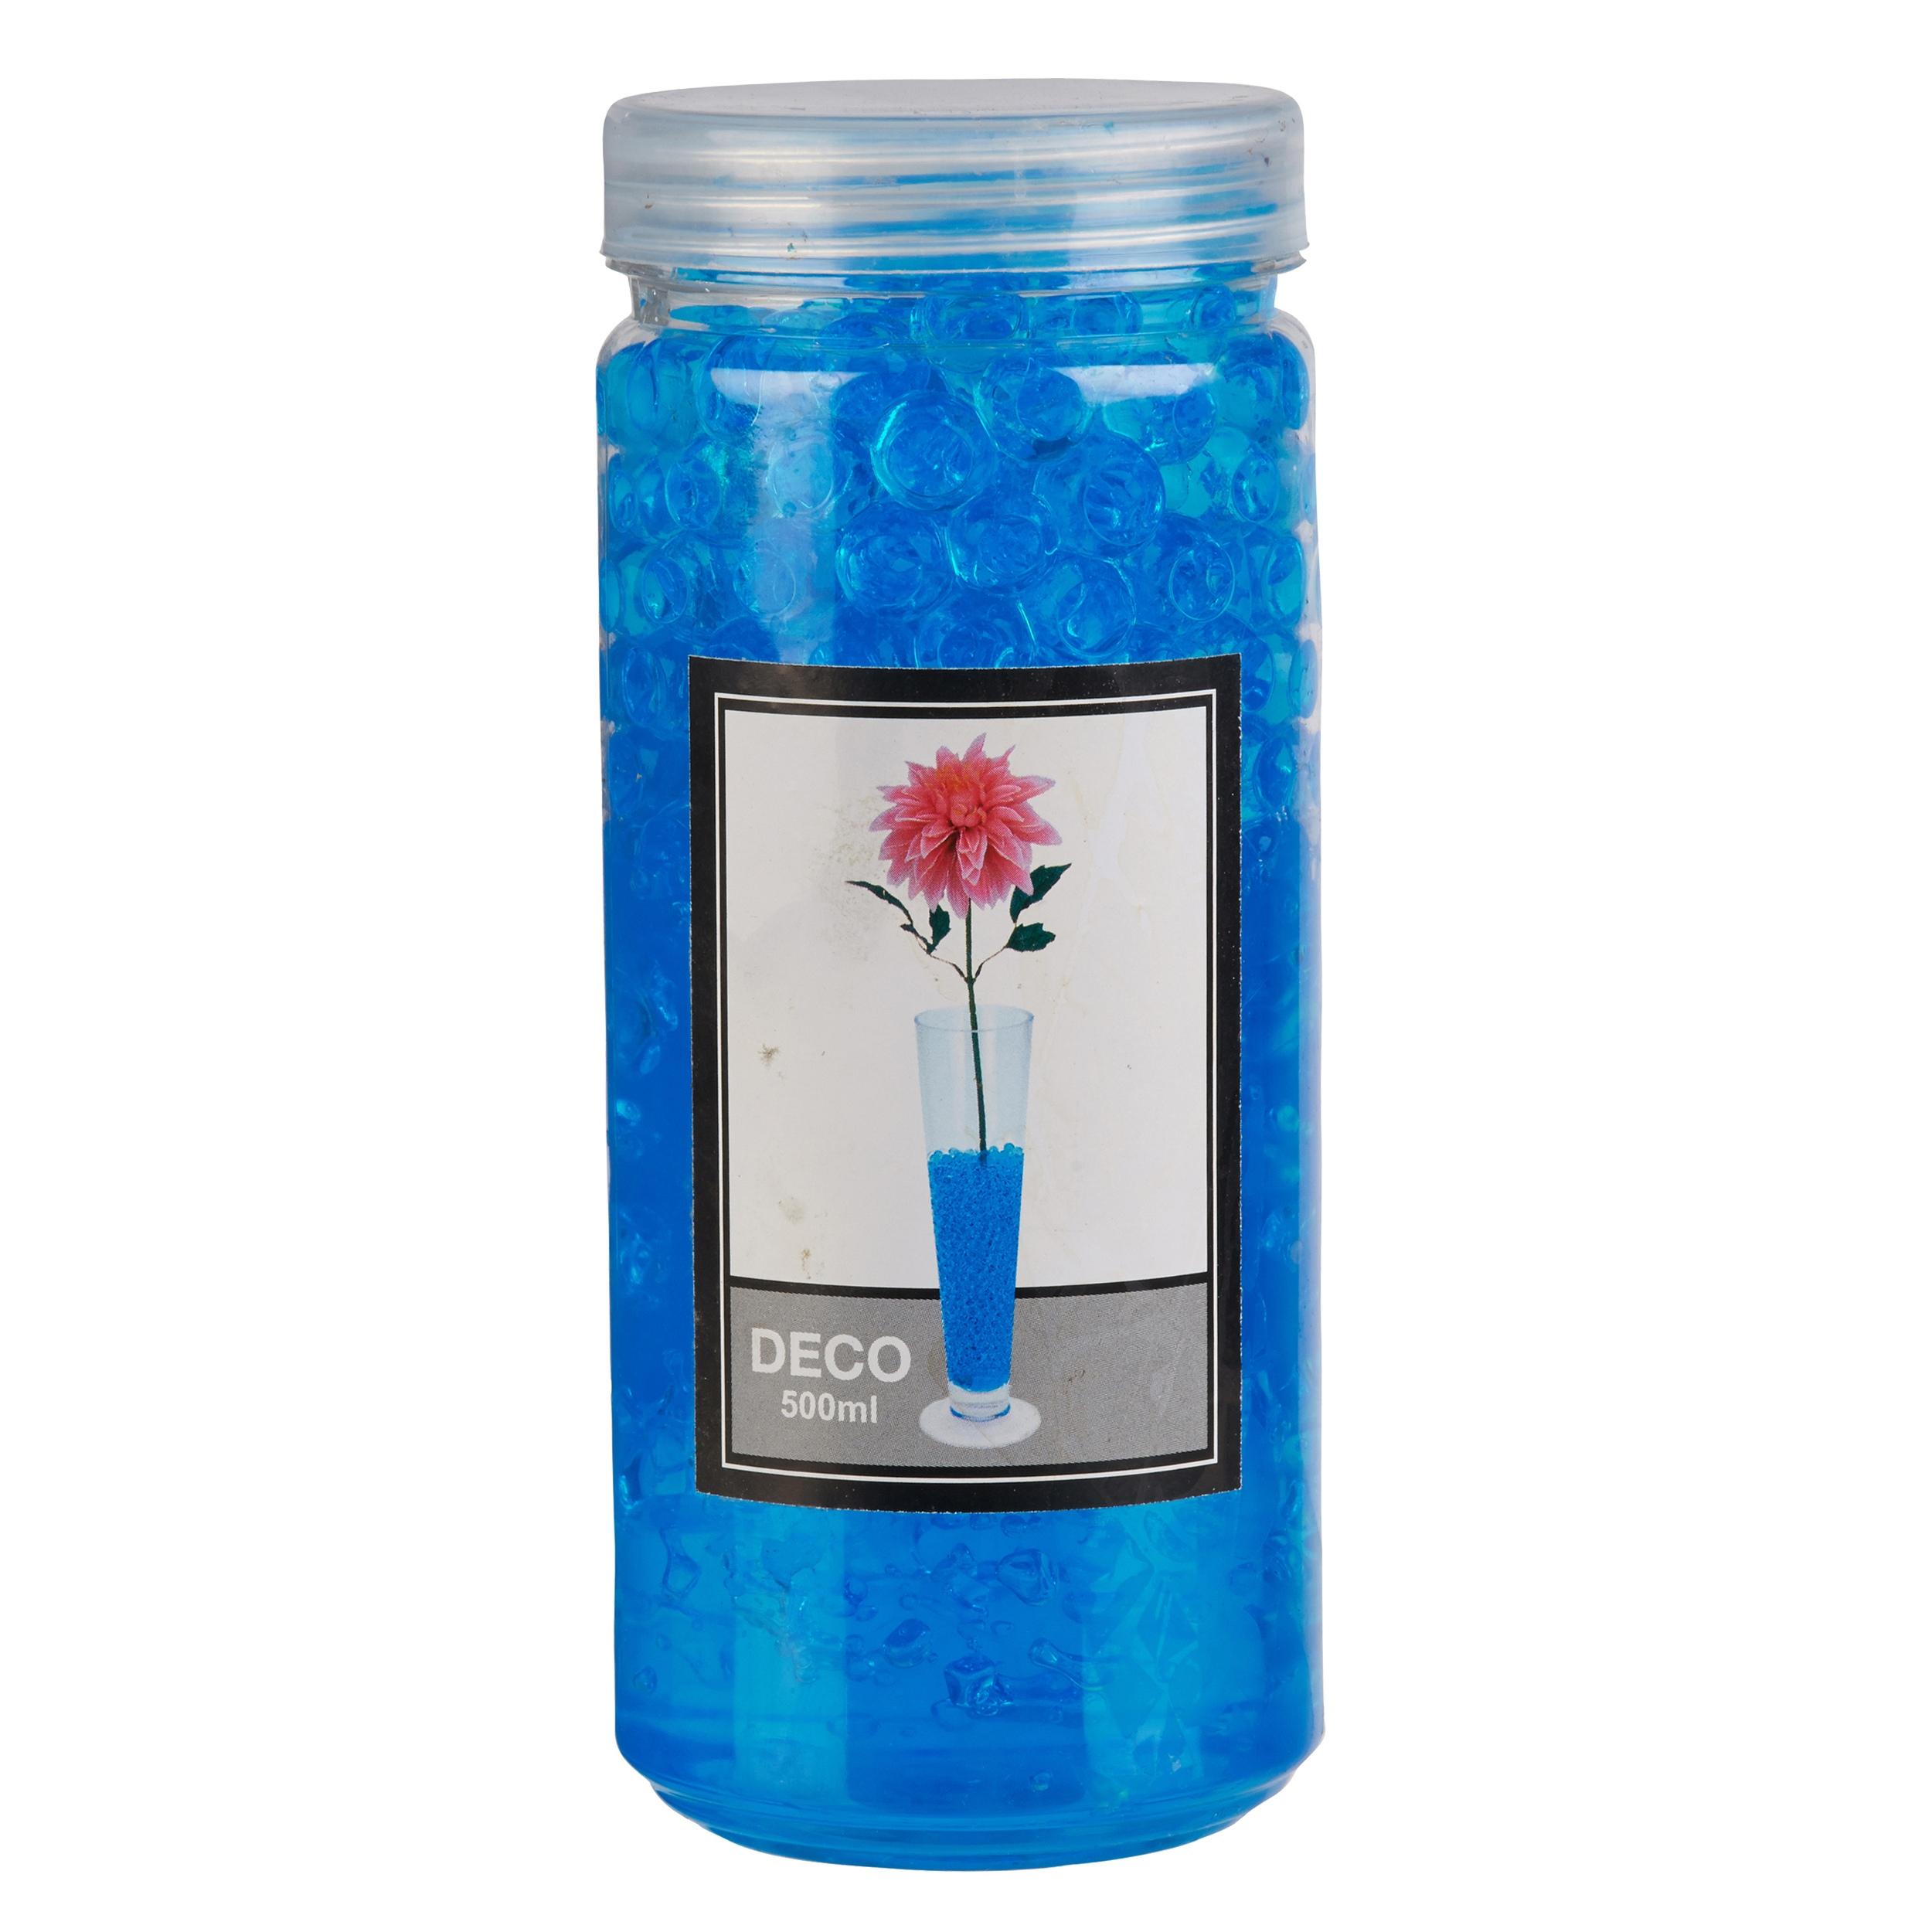 dekorativ hydro gel wasser perlen hochzeit kerze vasen f ller blumenmuster deko ebay. Black Bedroom Furniture Sets. Home Design Ideas